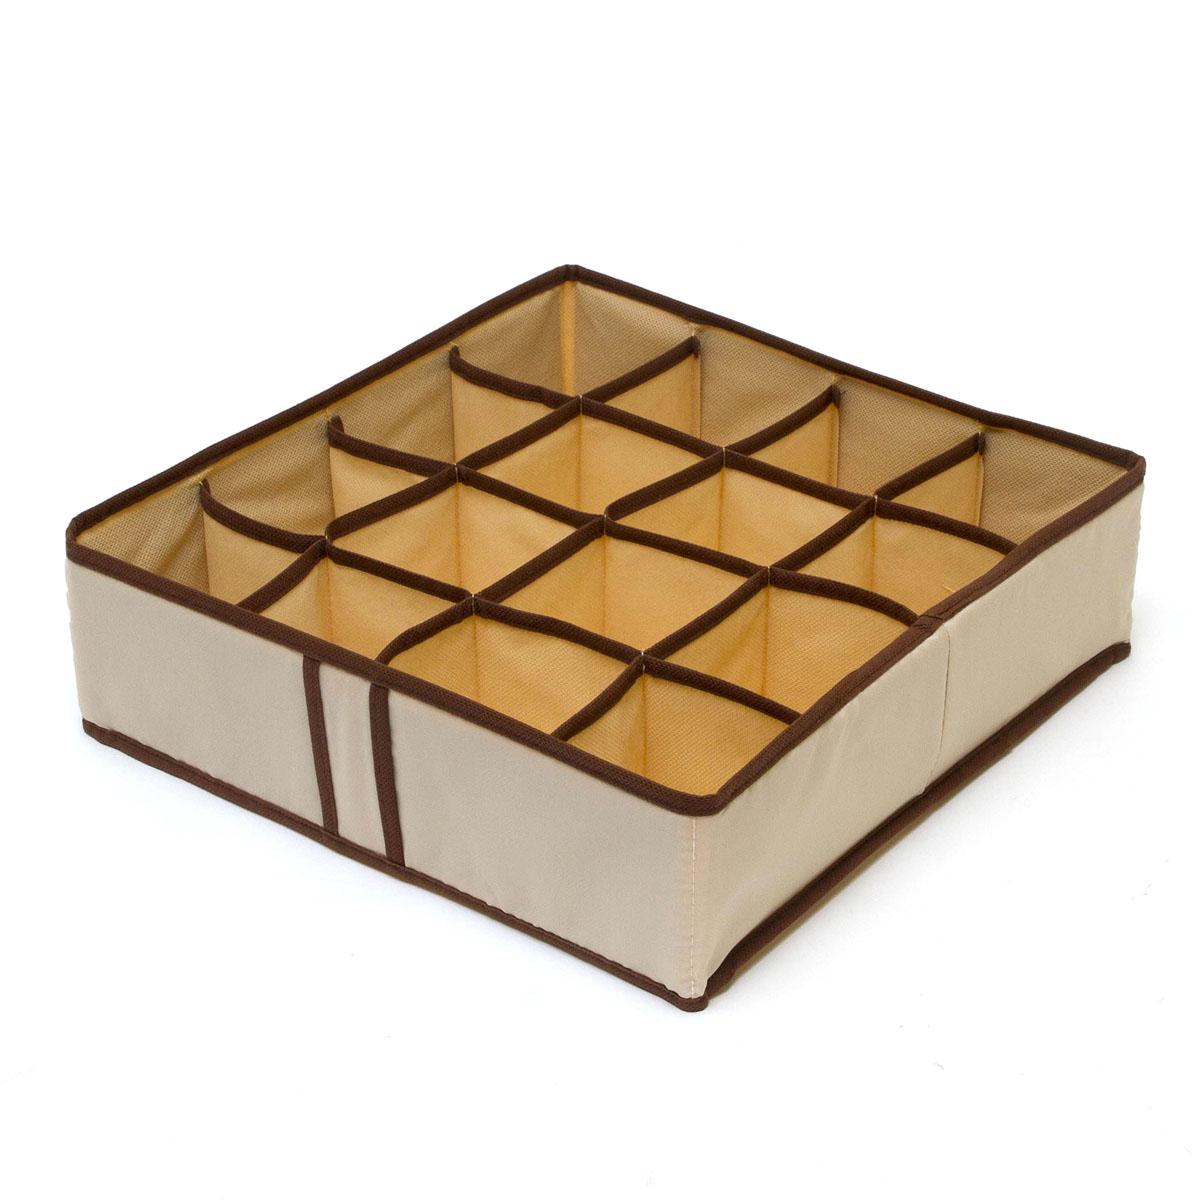 Органайзер для хранения вещей Homsu Bora-Bora, 16 секций, 35 x 35 x 10 см19201Компактный складной органайзер Homsu Bora-Bora изготовлен из высококачественного полиэстера, который обеспечивает естественную вентиляцию. Материал позволяет воздуху свободно проникать внутрь, но не пропускает пыль. Органайзер отлично держит форму, благодаря вставкам из плотного картона. Изделие имеет 16 квадратных секций для хранения нижнего белья, колготок, носков и другой одежды.Такой органайзер позволит вам хранить вещи компактно и удобно.